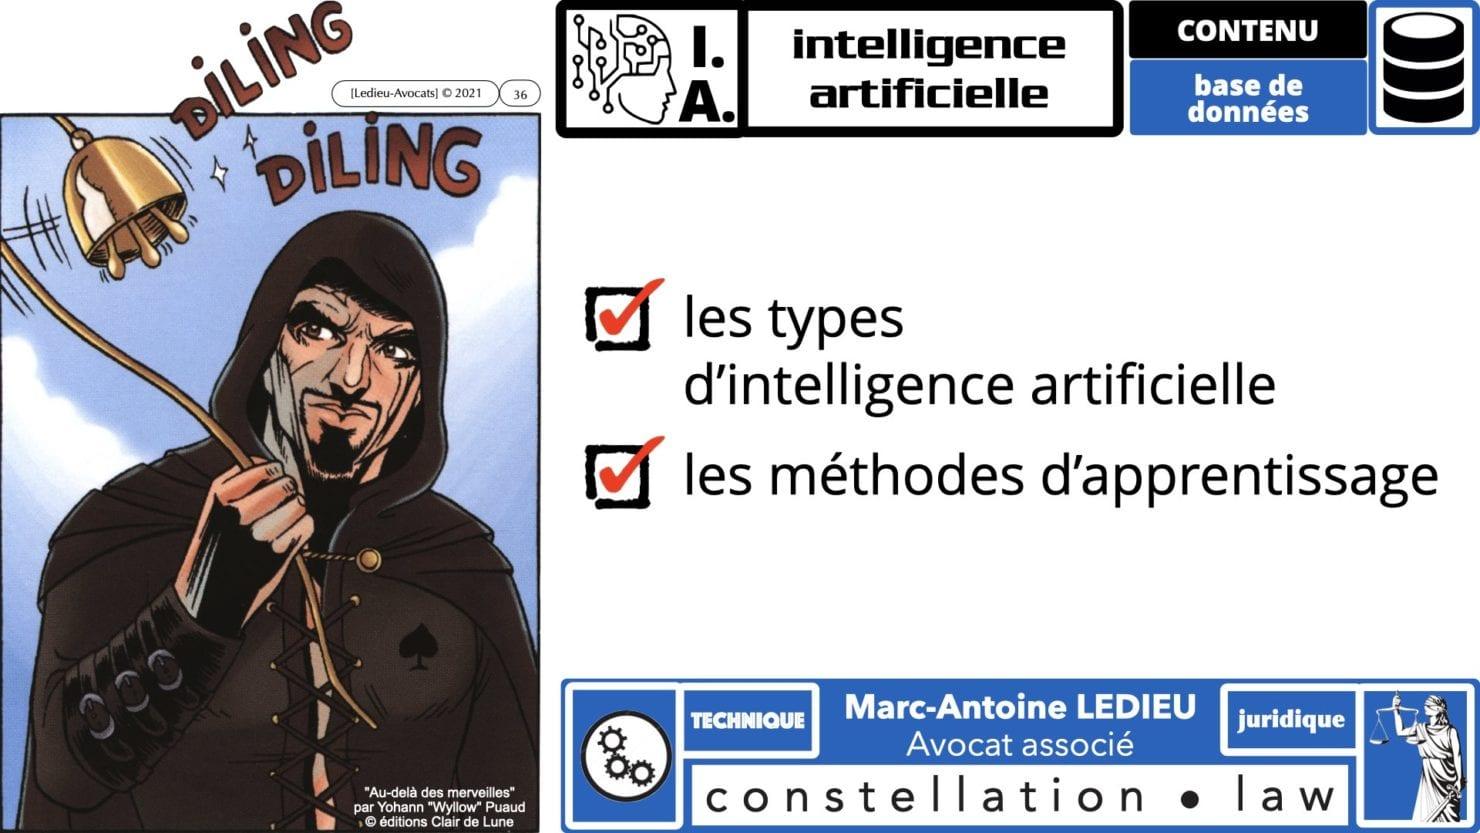 335 Intelligence Artificielle 2021 et AI Act [projet de Règlement UE] deep learning machine learning © Ledieu-Avocats 04-06-2021 *16:9*.036